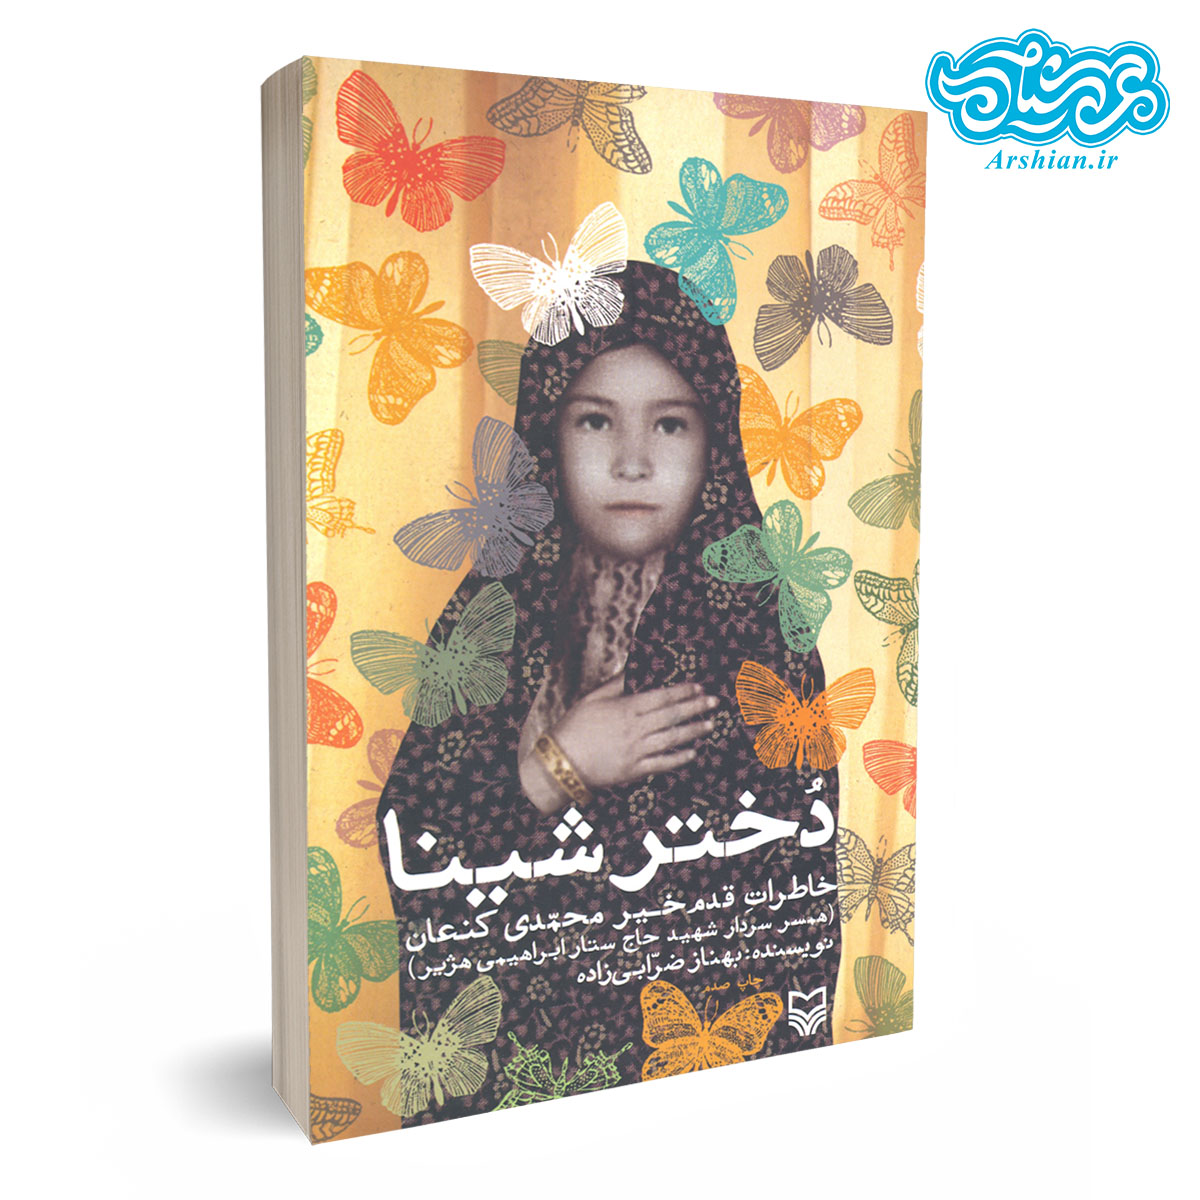 کتاب دختر شینا - خاطرات قدمخیر محمدی کنعان